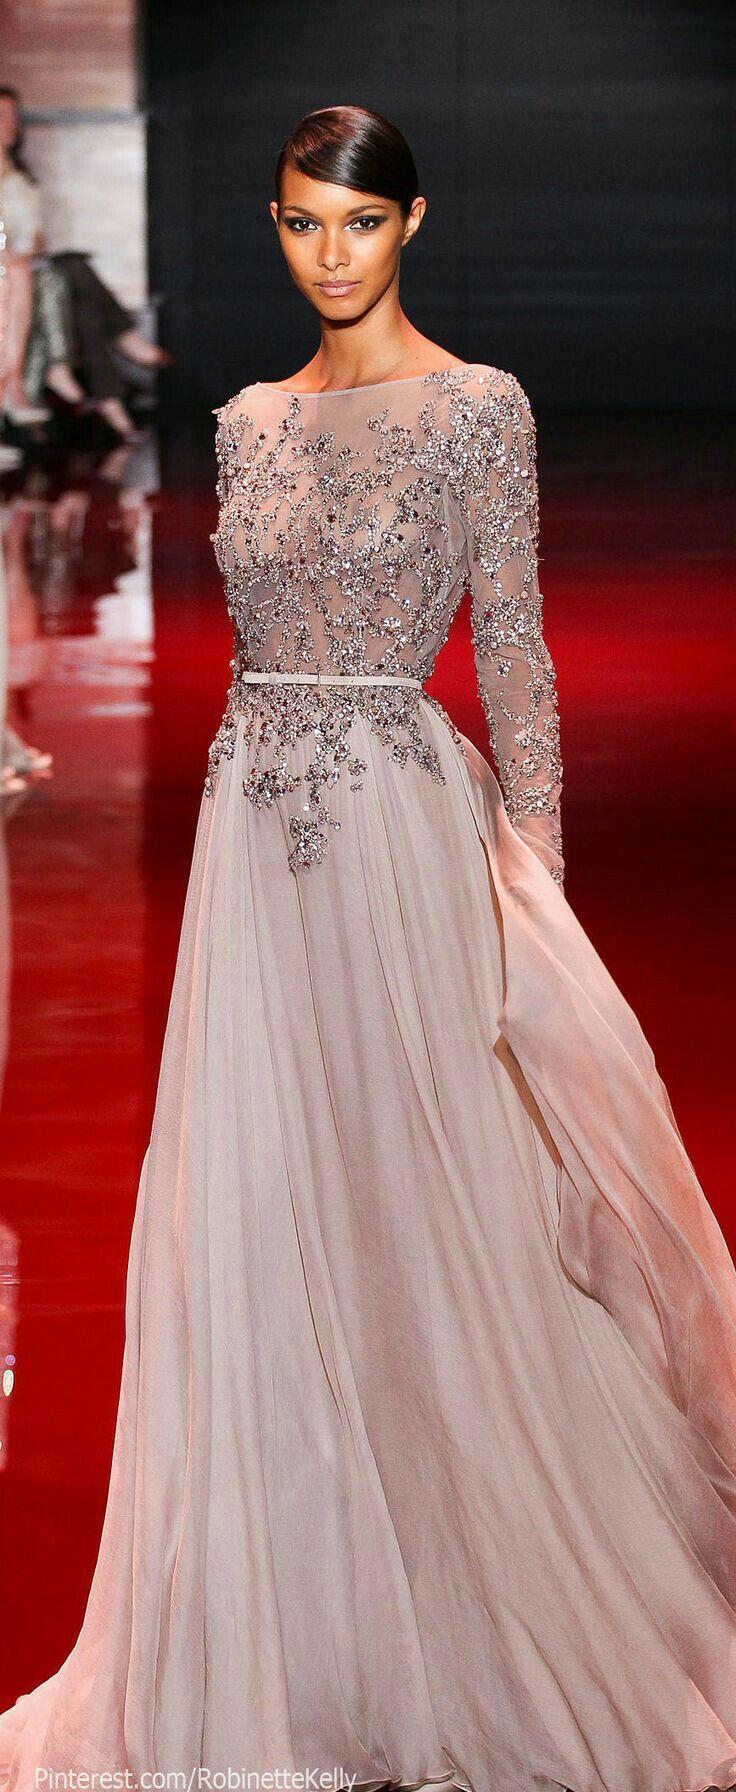 103 besten فساتين Bilder auf Pinterest | Abendkleid, Lange kleider ...